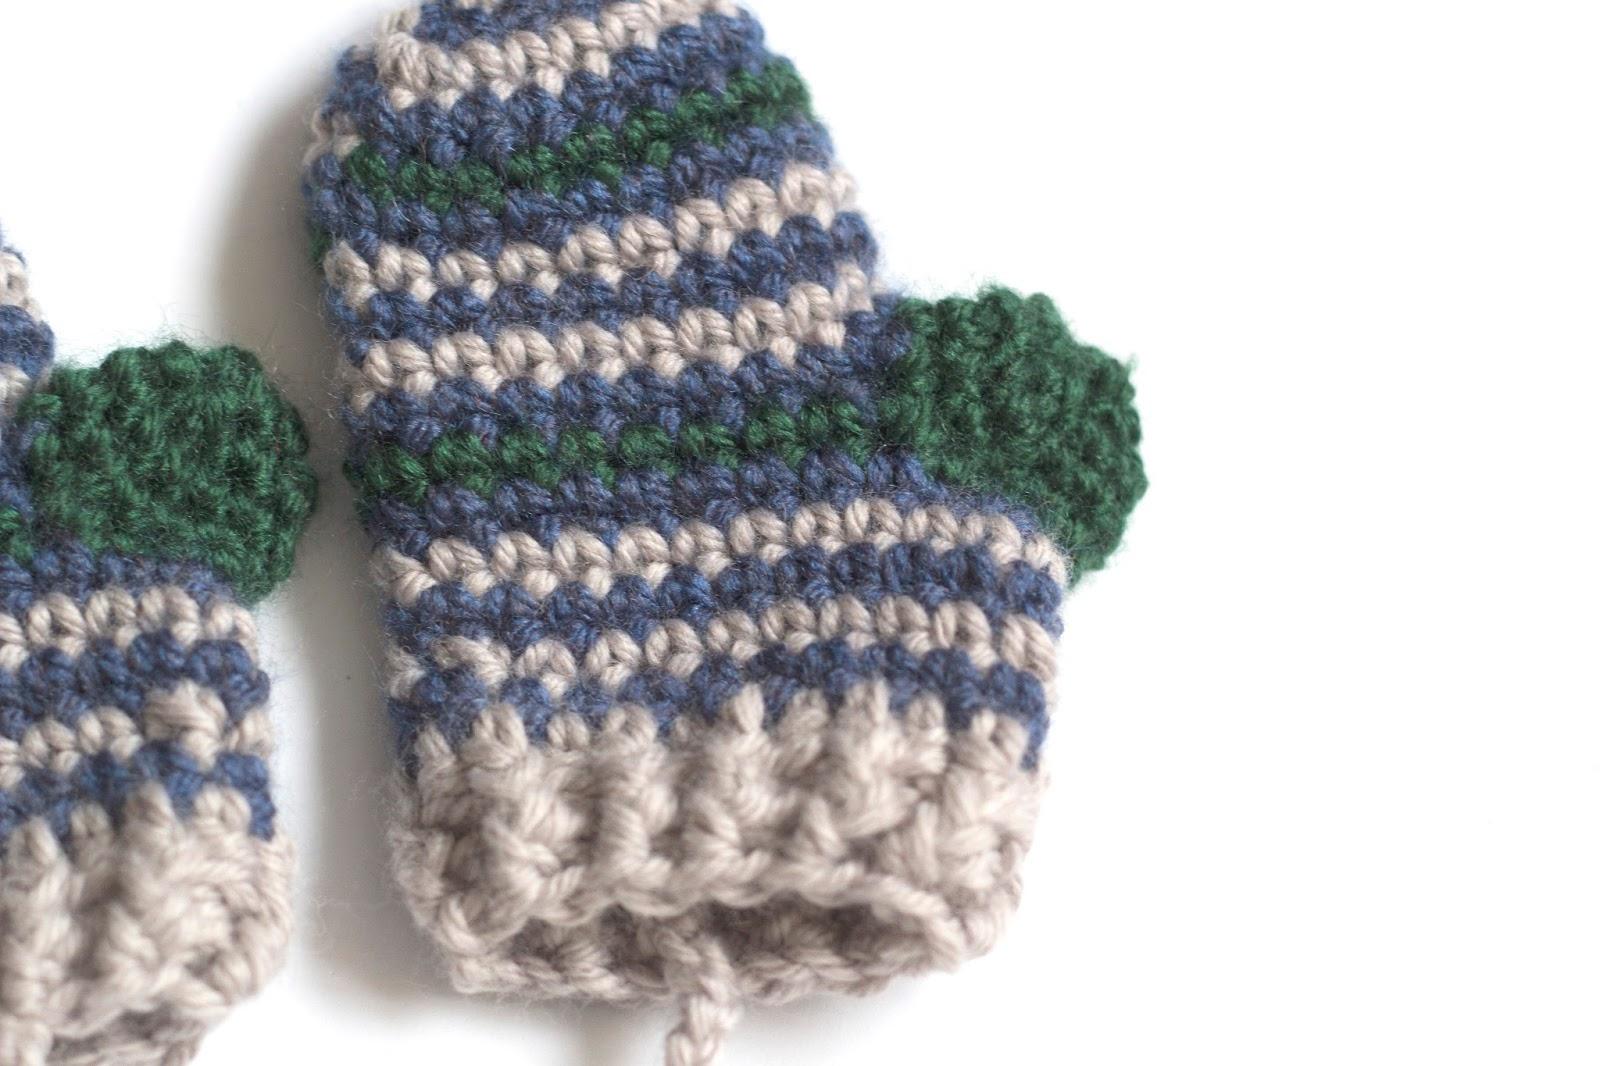 Dorable Los Patrones De Crochet Manopla Gratuitas Bosquejo - Ideas ...